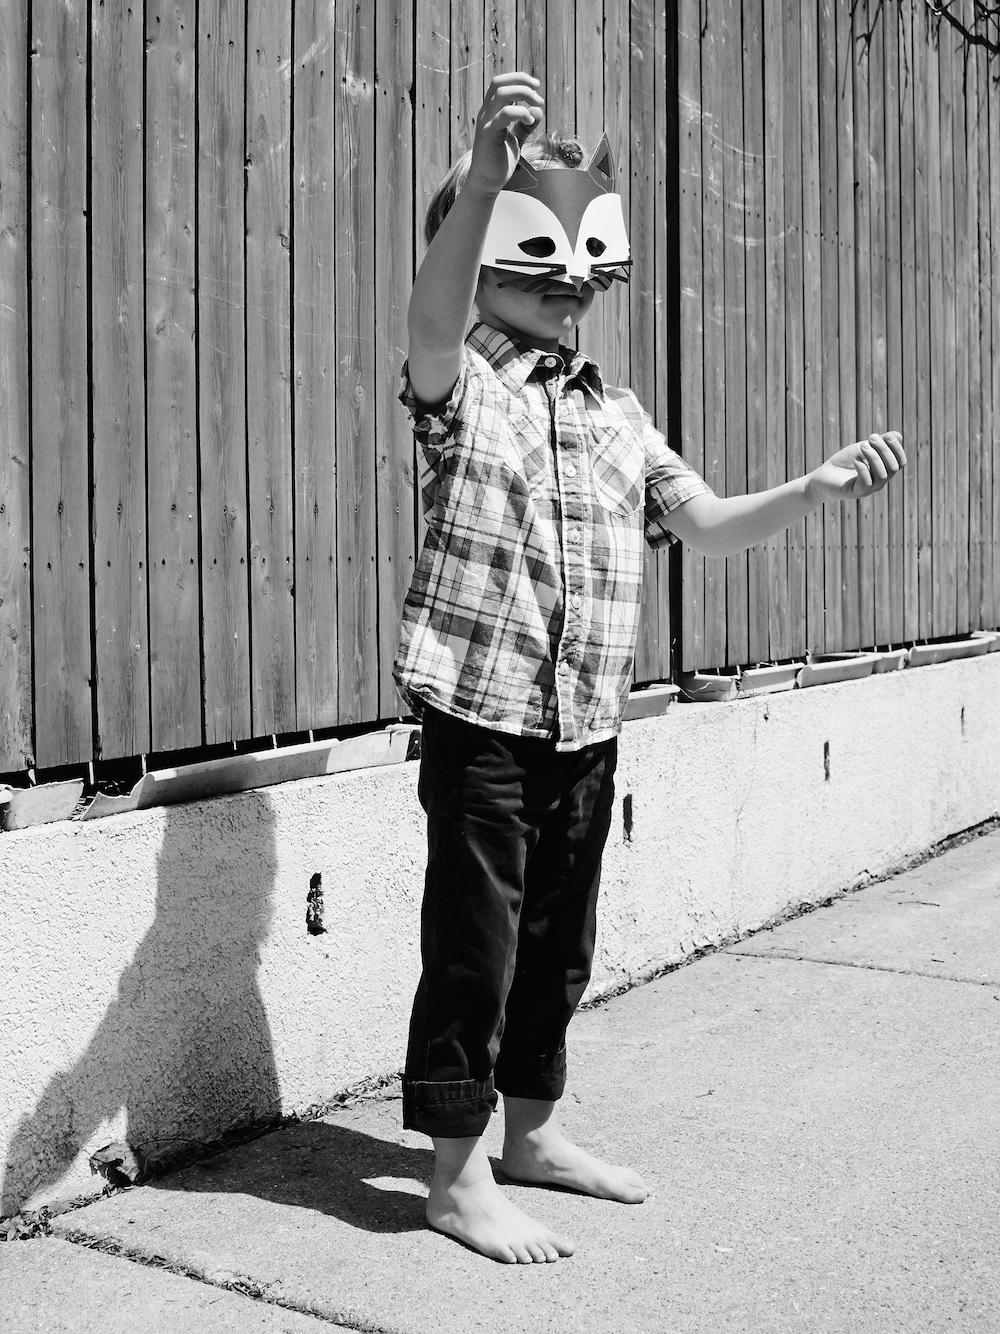 Fox-mask-kids-black-white.jpg